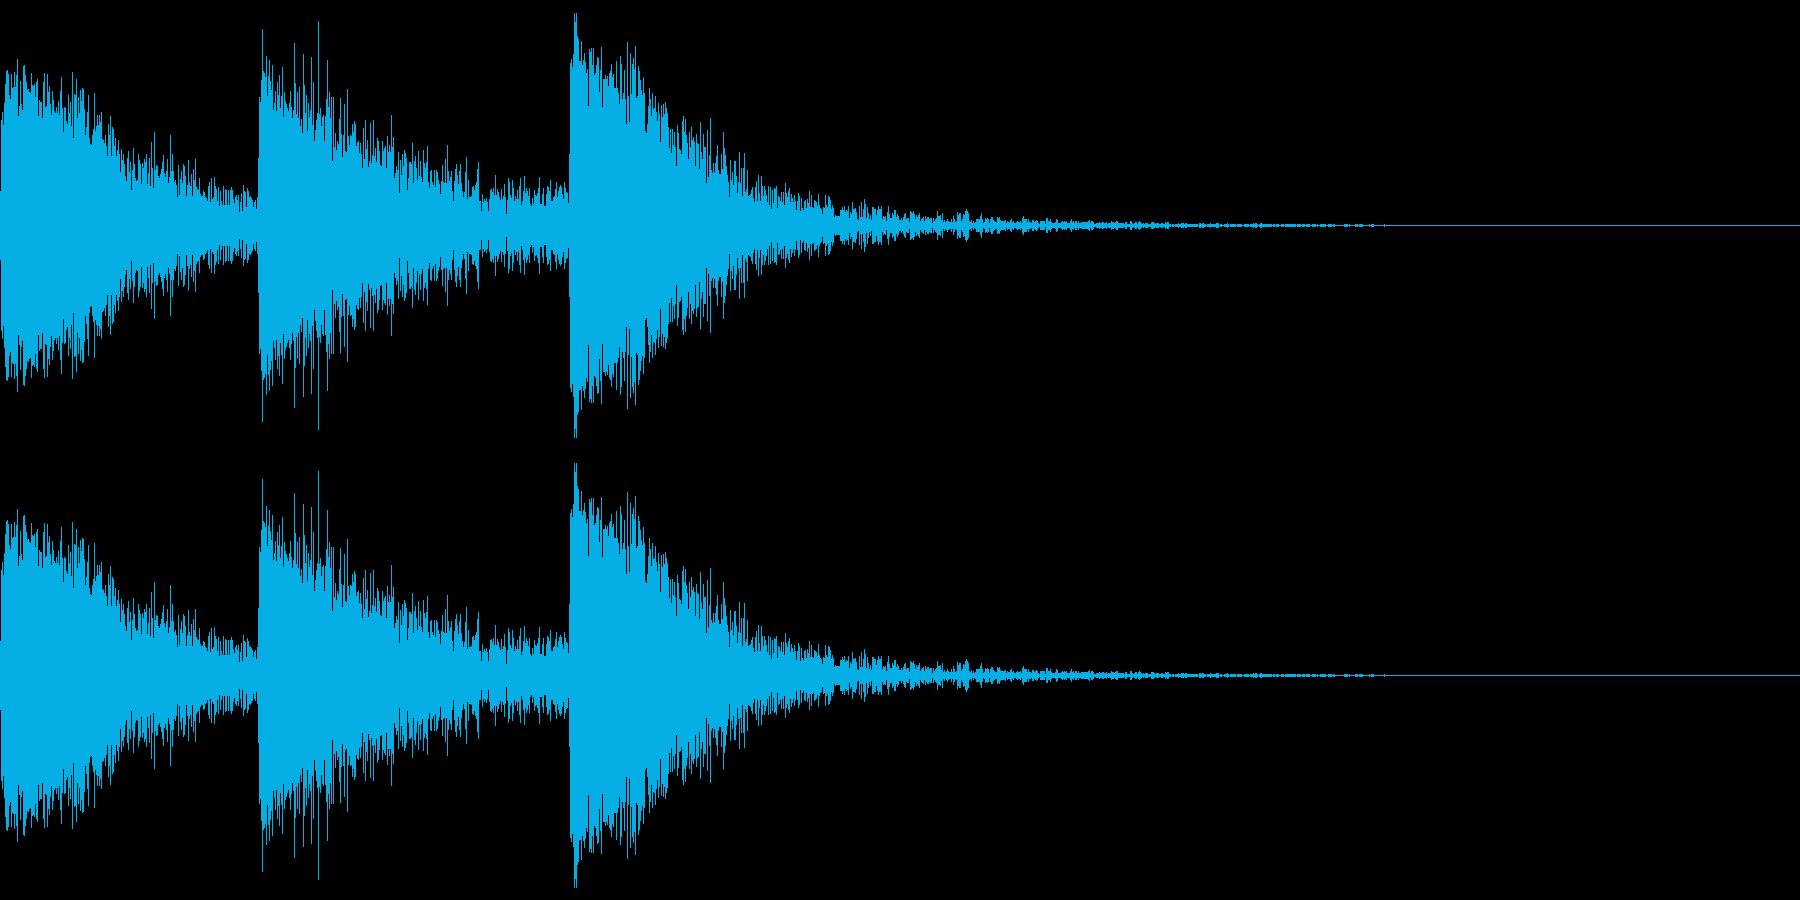 【SE】攻撃音03ヒット3発(ビビビシ)の再生済みの波形